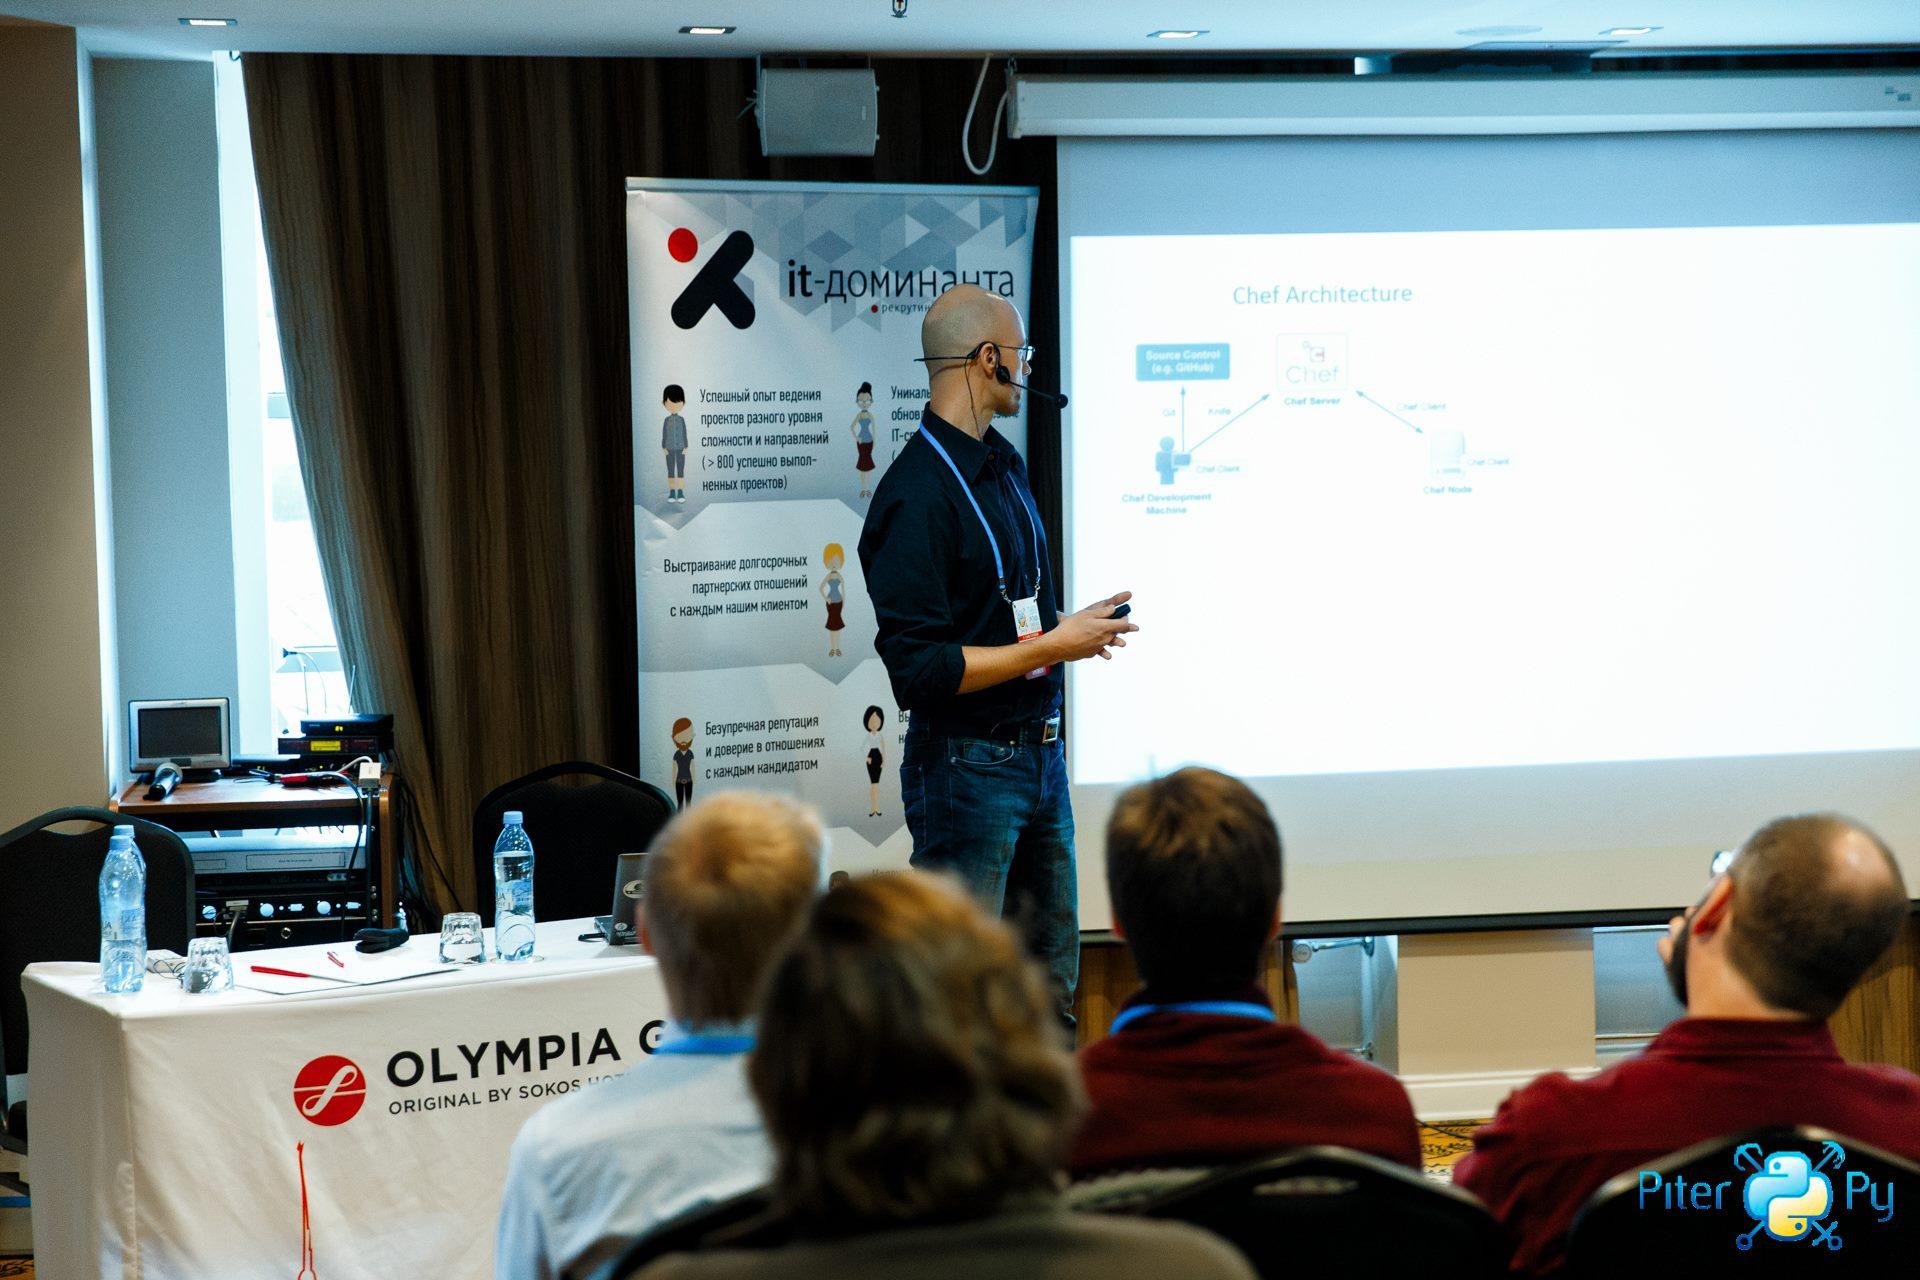 Как мы делаем PiterPy — европейскую конференцию по Python в Петербурге - 11